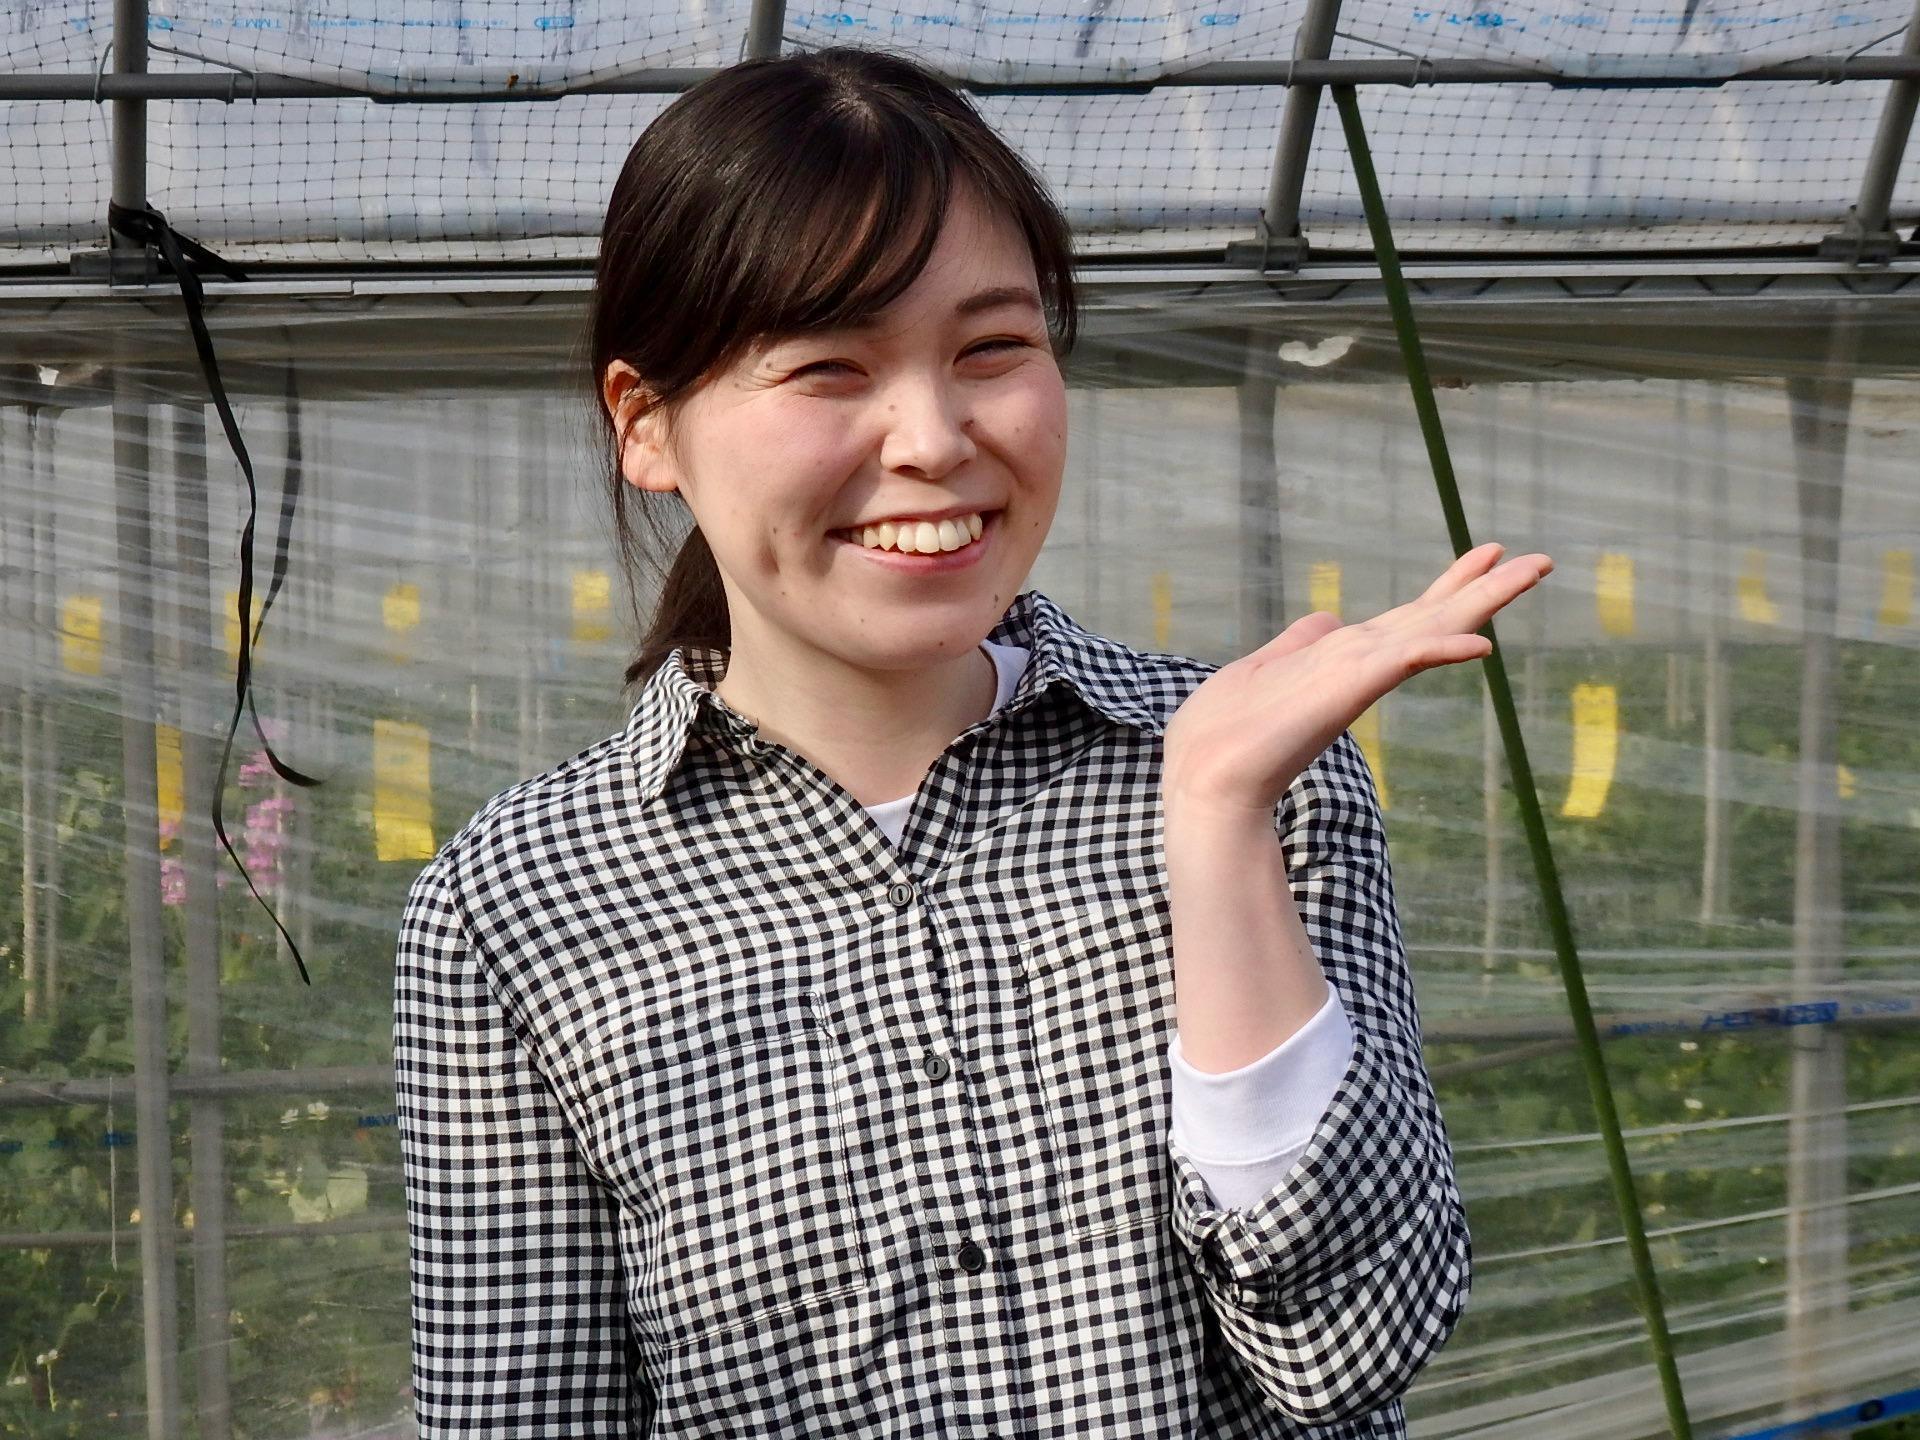 http://news.yoshimoto.co.jp/20190201171710-ca8739b86101242a5b3eed121a892d4249b9f7f5.jpeg